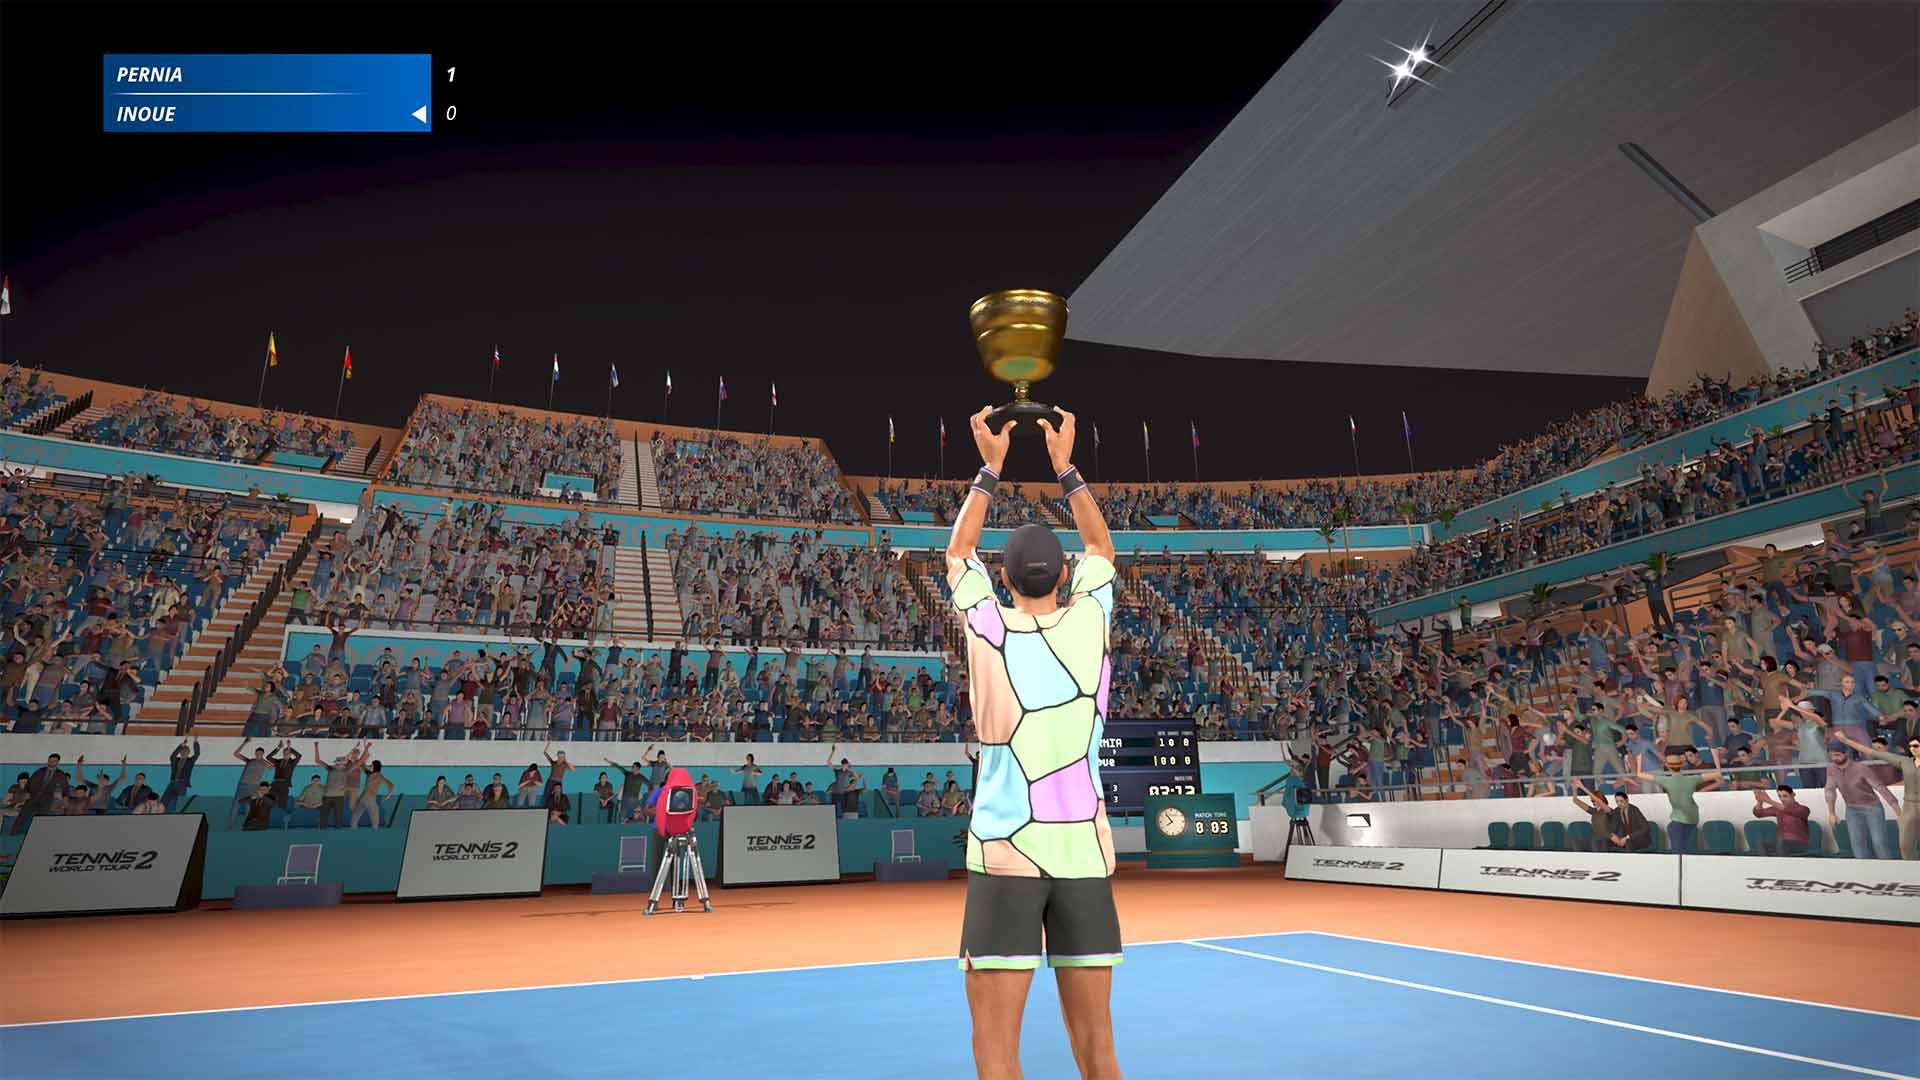 Tennis World Tour 2 también recibirá mejoras para Xbox Series X|S, pero en una edición especial 2